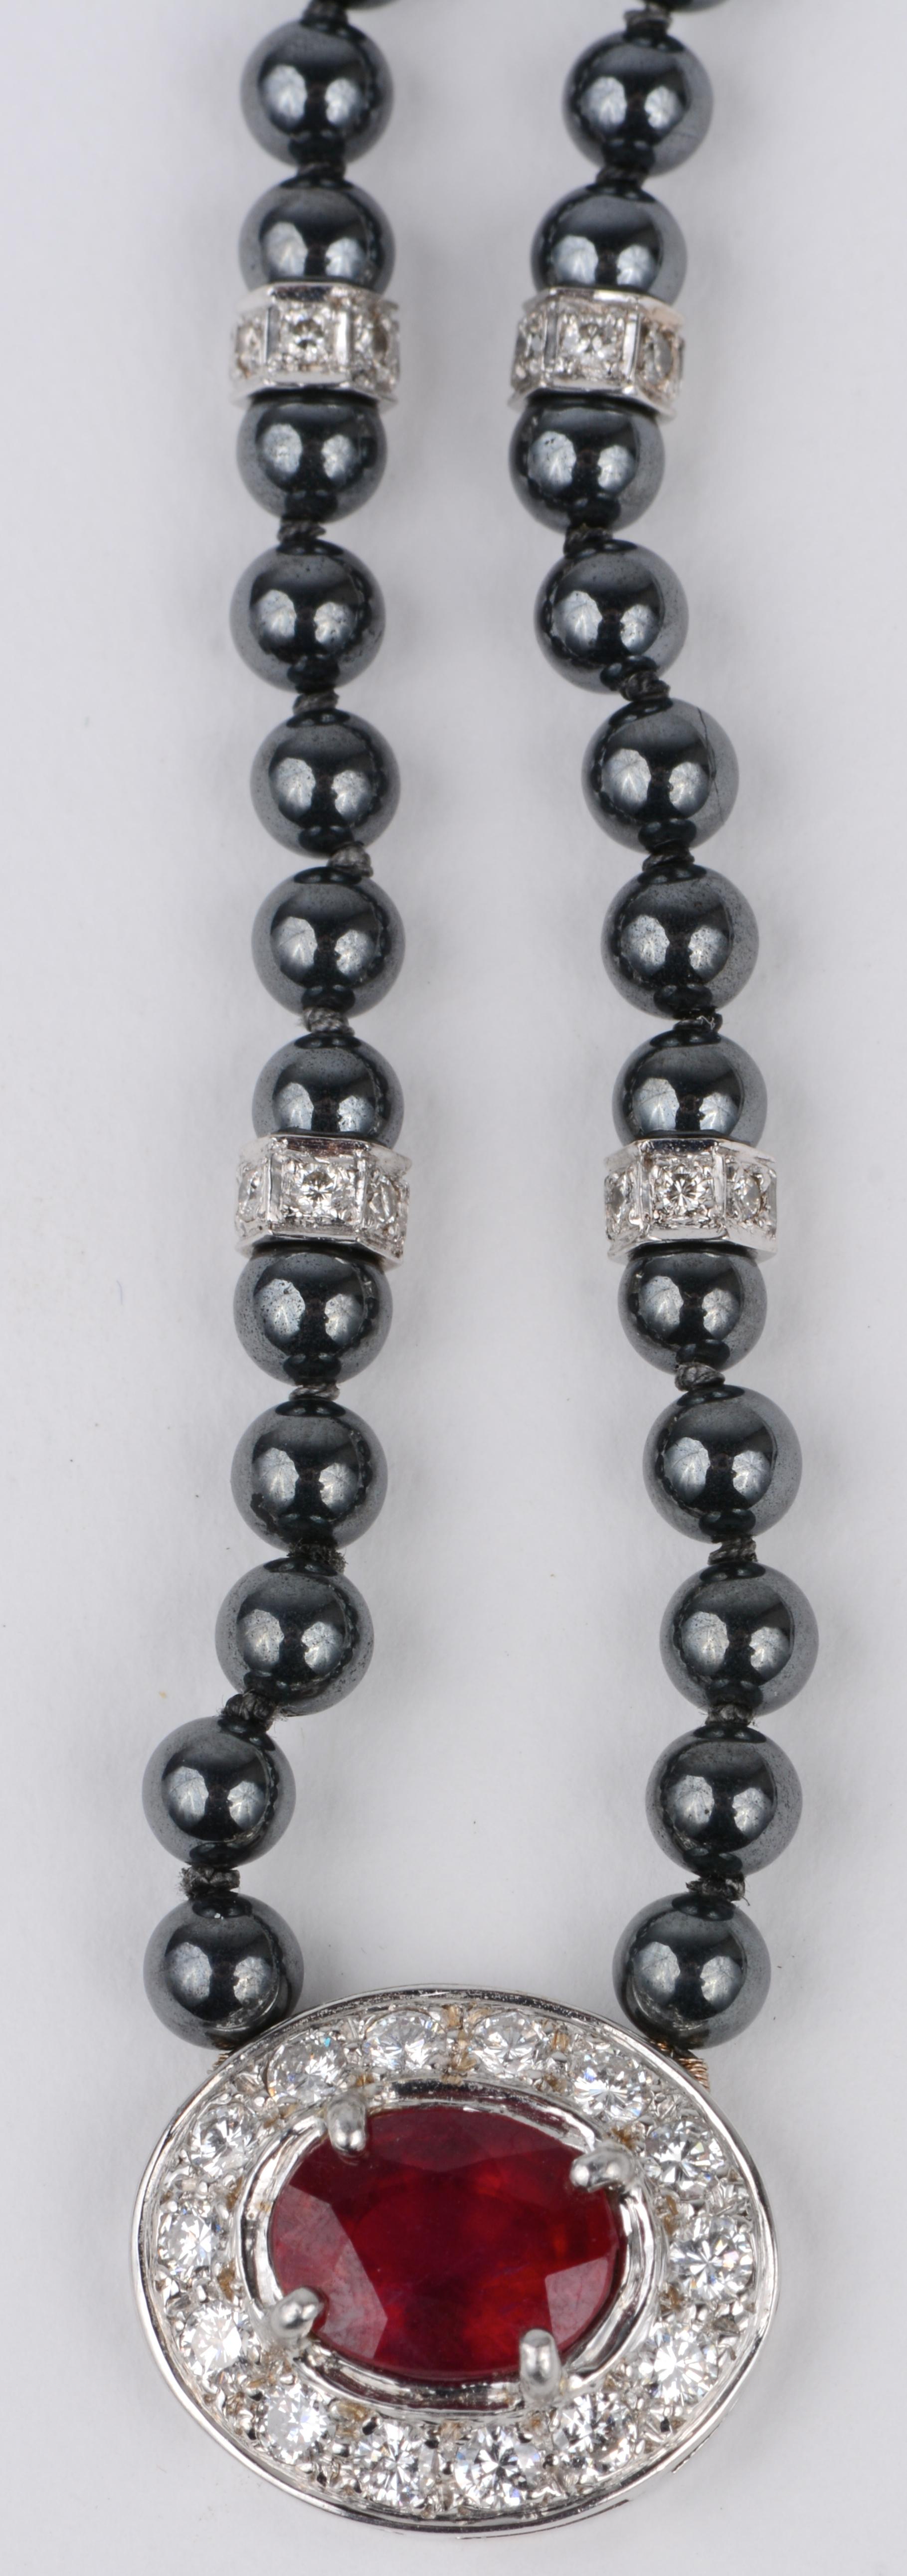 Een parelhalssnoer van hematiet met 18 karaats wit gouden tussenstukken en hanger bezet met diamanten met een gezamenlijk gewicht van ± 1 ct. en een centrale robijn van ± 2,45 ct.